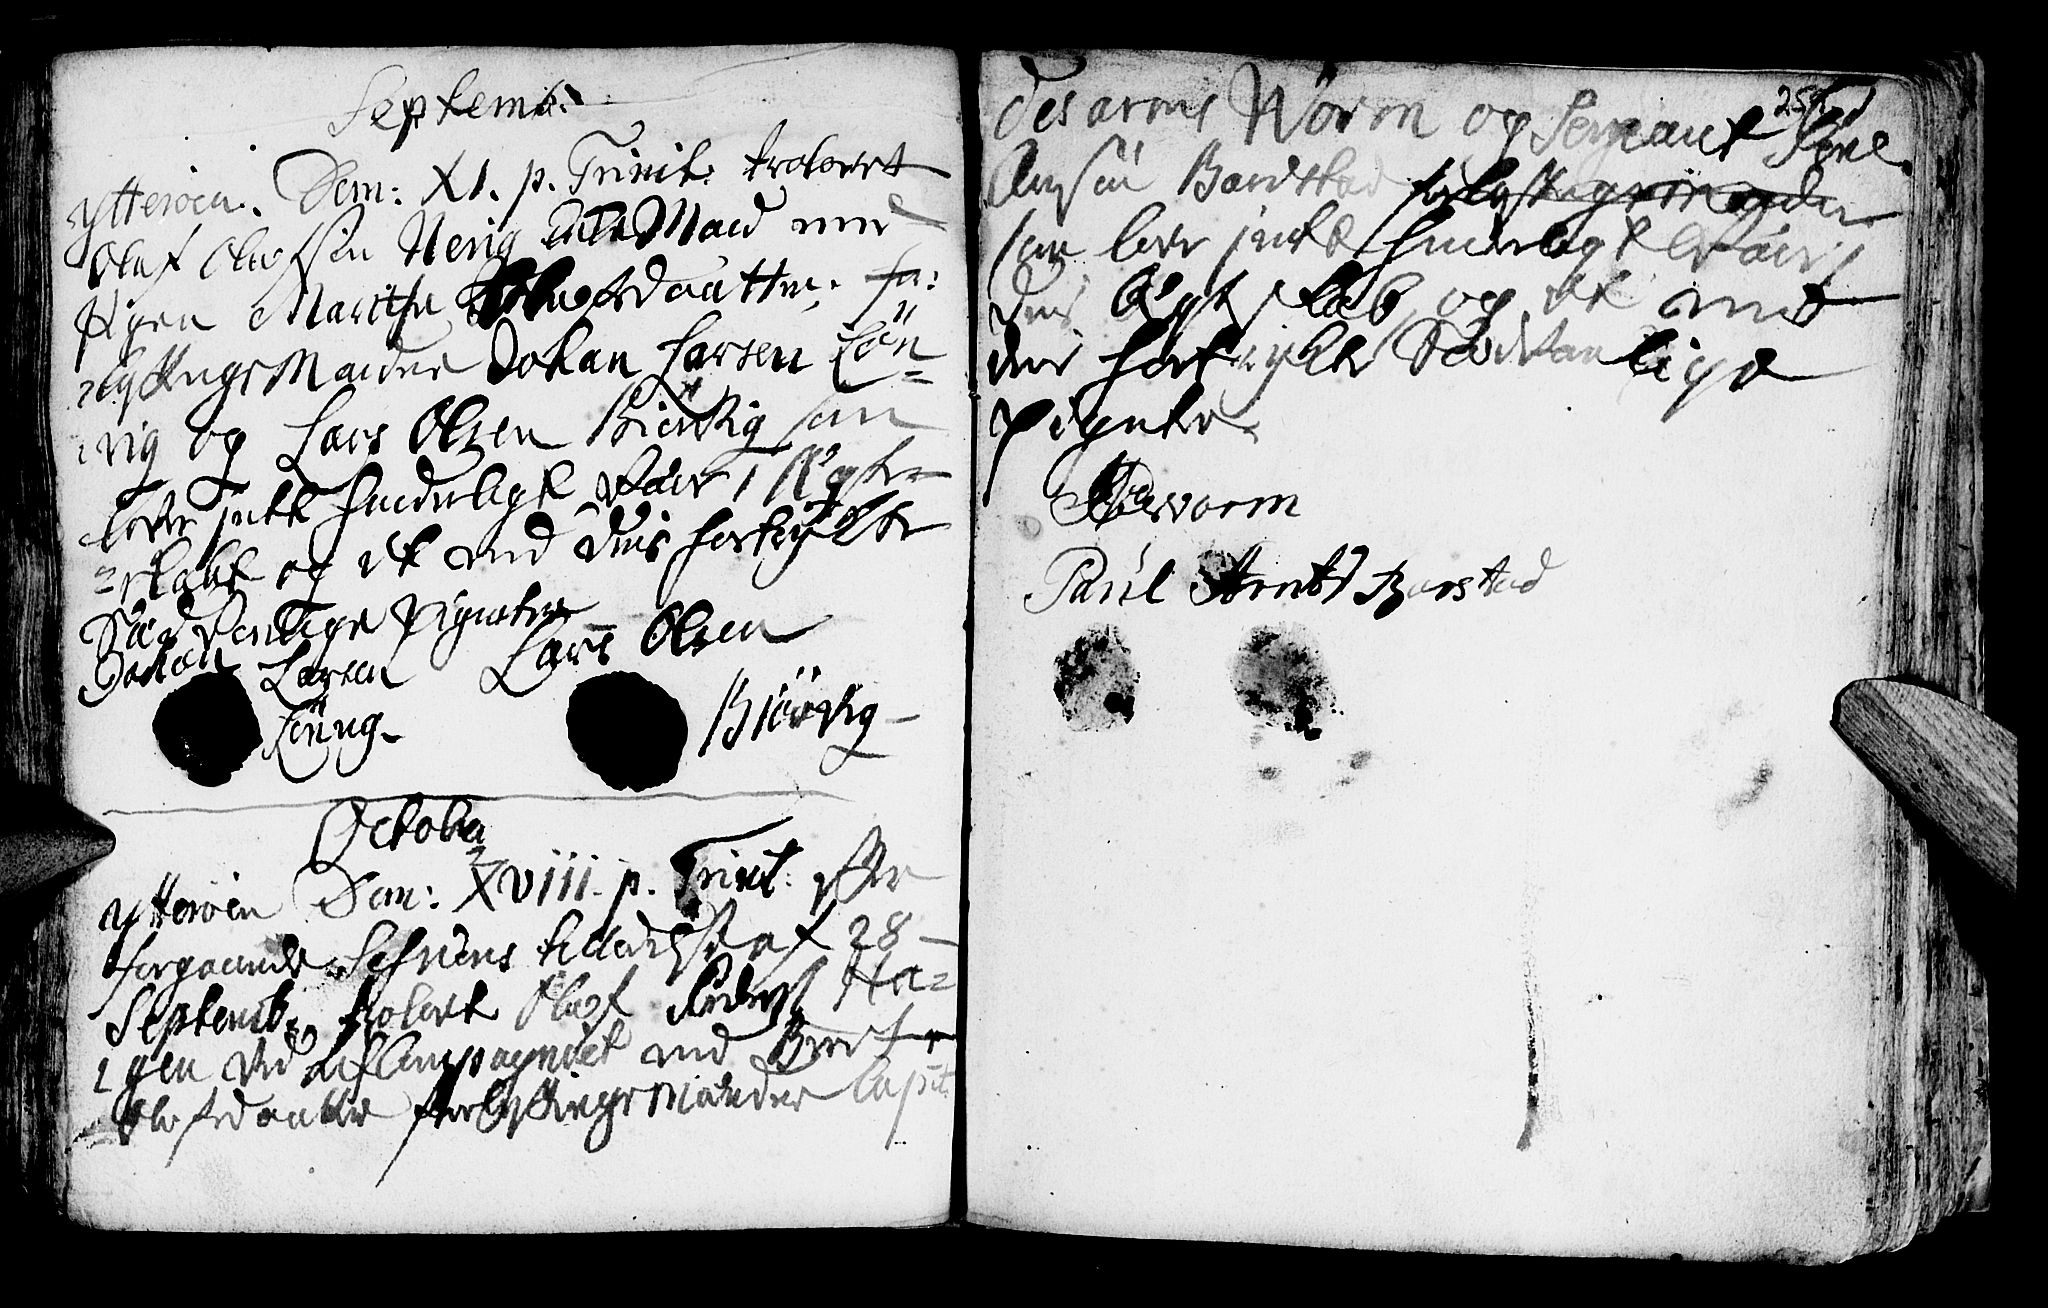 SAT, Ministerialprotokoller, klokkerbøker og fødselsregistre - Nord-Trøndelag, 722/L0215: Ministerialbok nr. 722A02, 1718-1755, s. 259